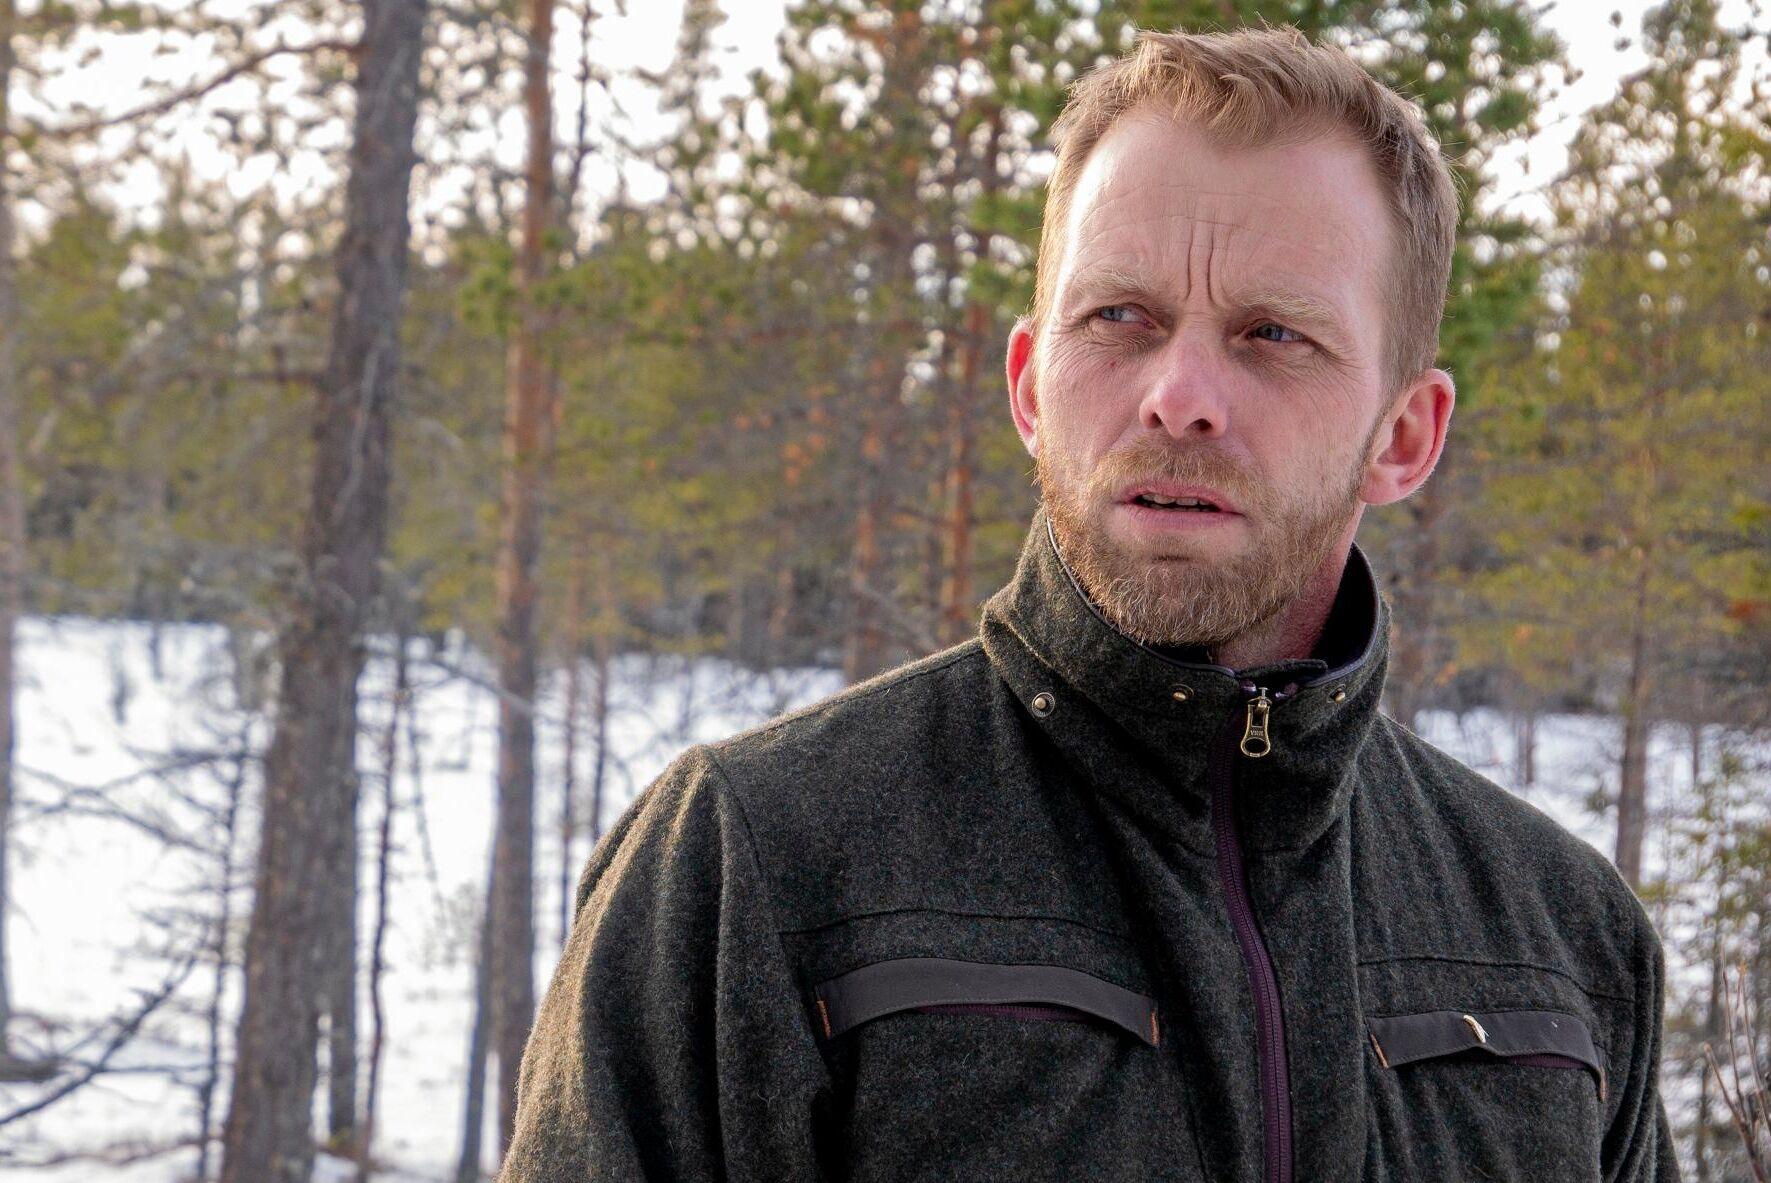 """Att skogen fortsätter brukas är avgörande för glesbygdskommuners överlevnad, enligt skogskonsulten Fredrik Eliasson: """"I norra Sverige kommer majoriteten av skatteintäkterna från skogsbruket."""""""